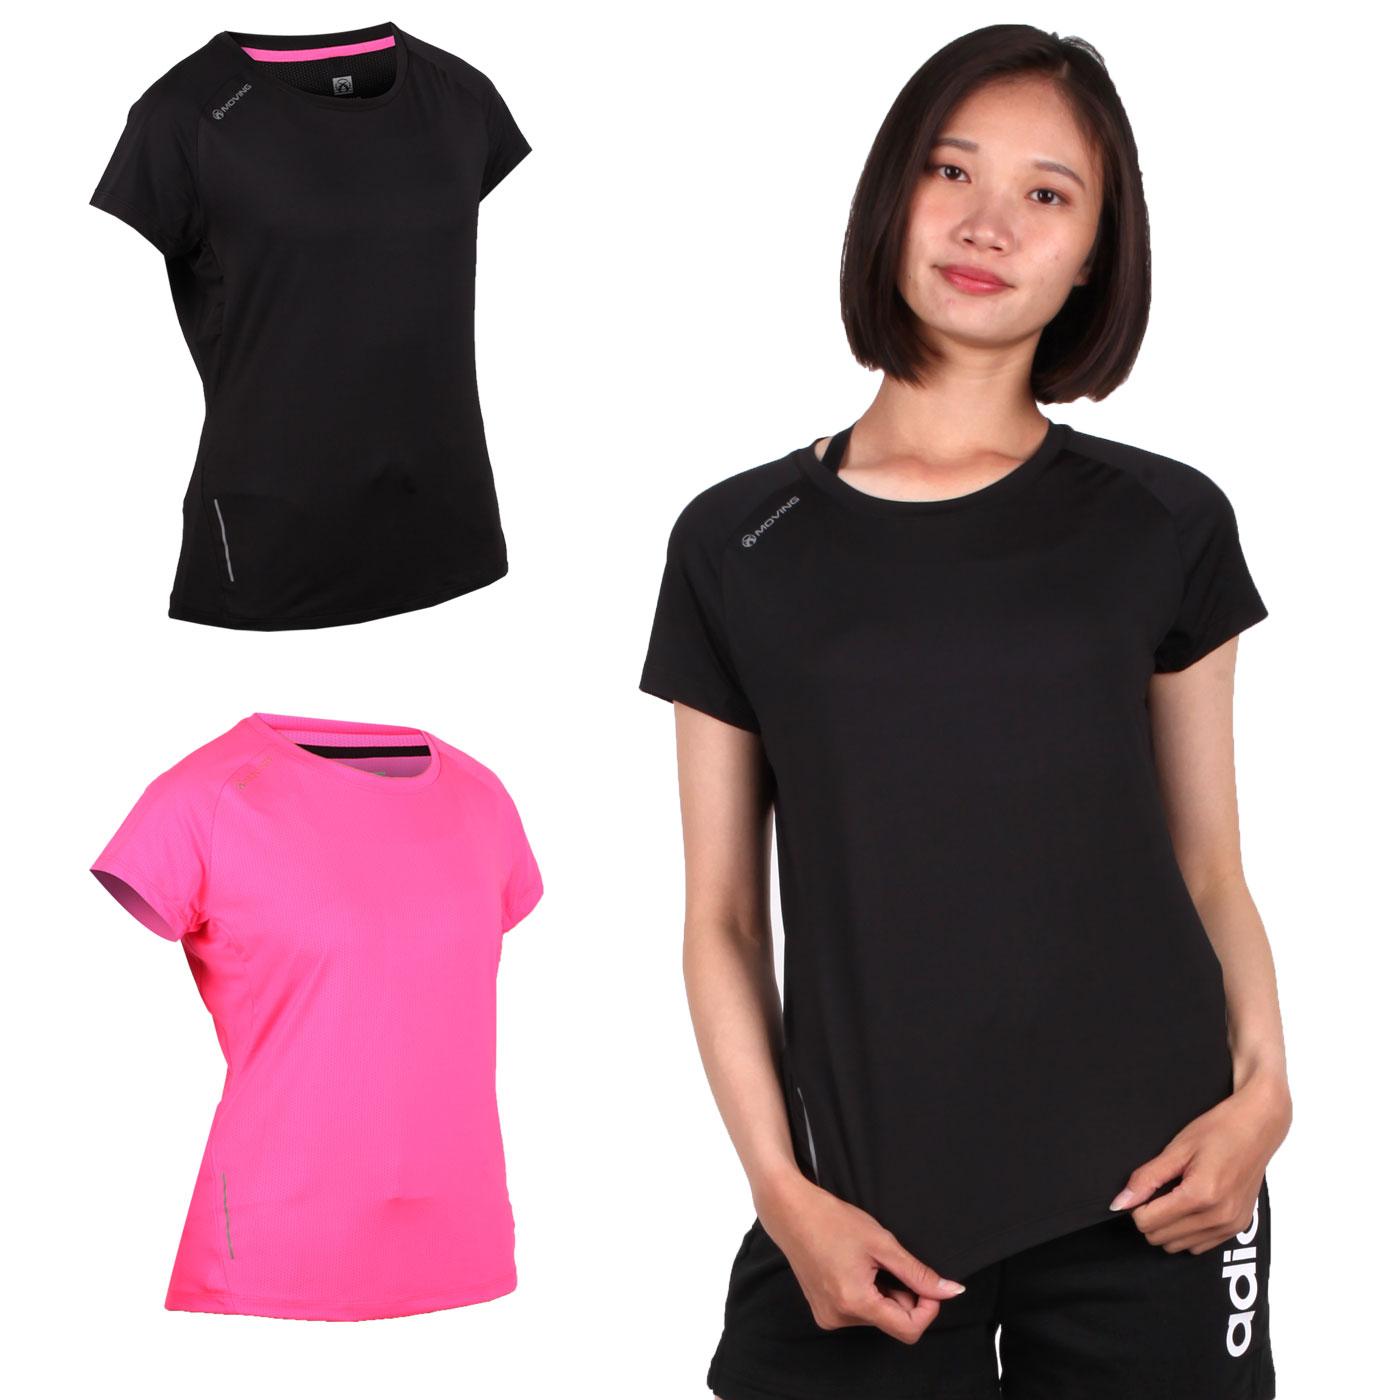 FIRESTAR 女款彈性短袖圓領T恤 DL965-10